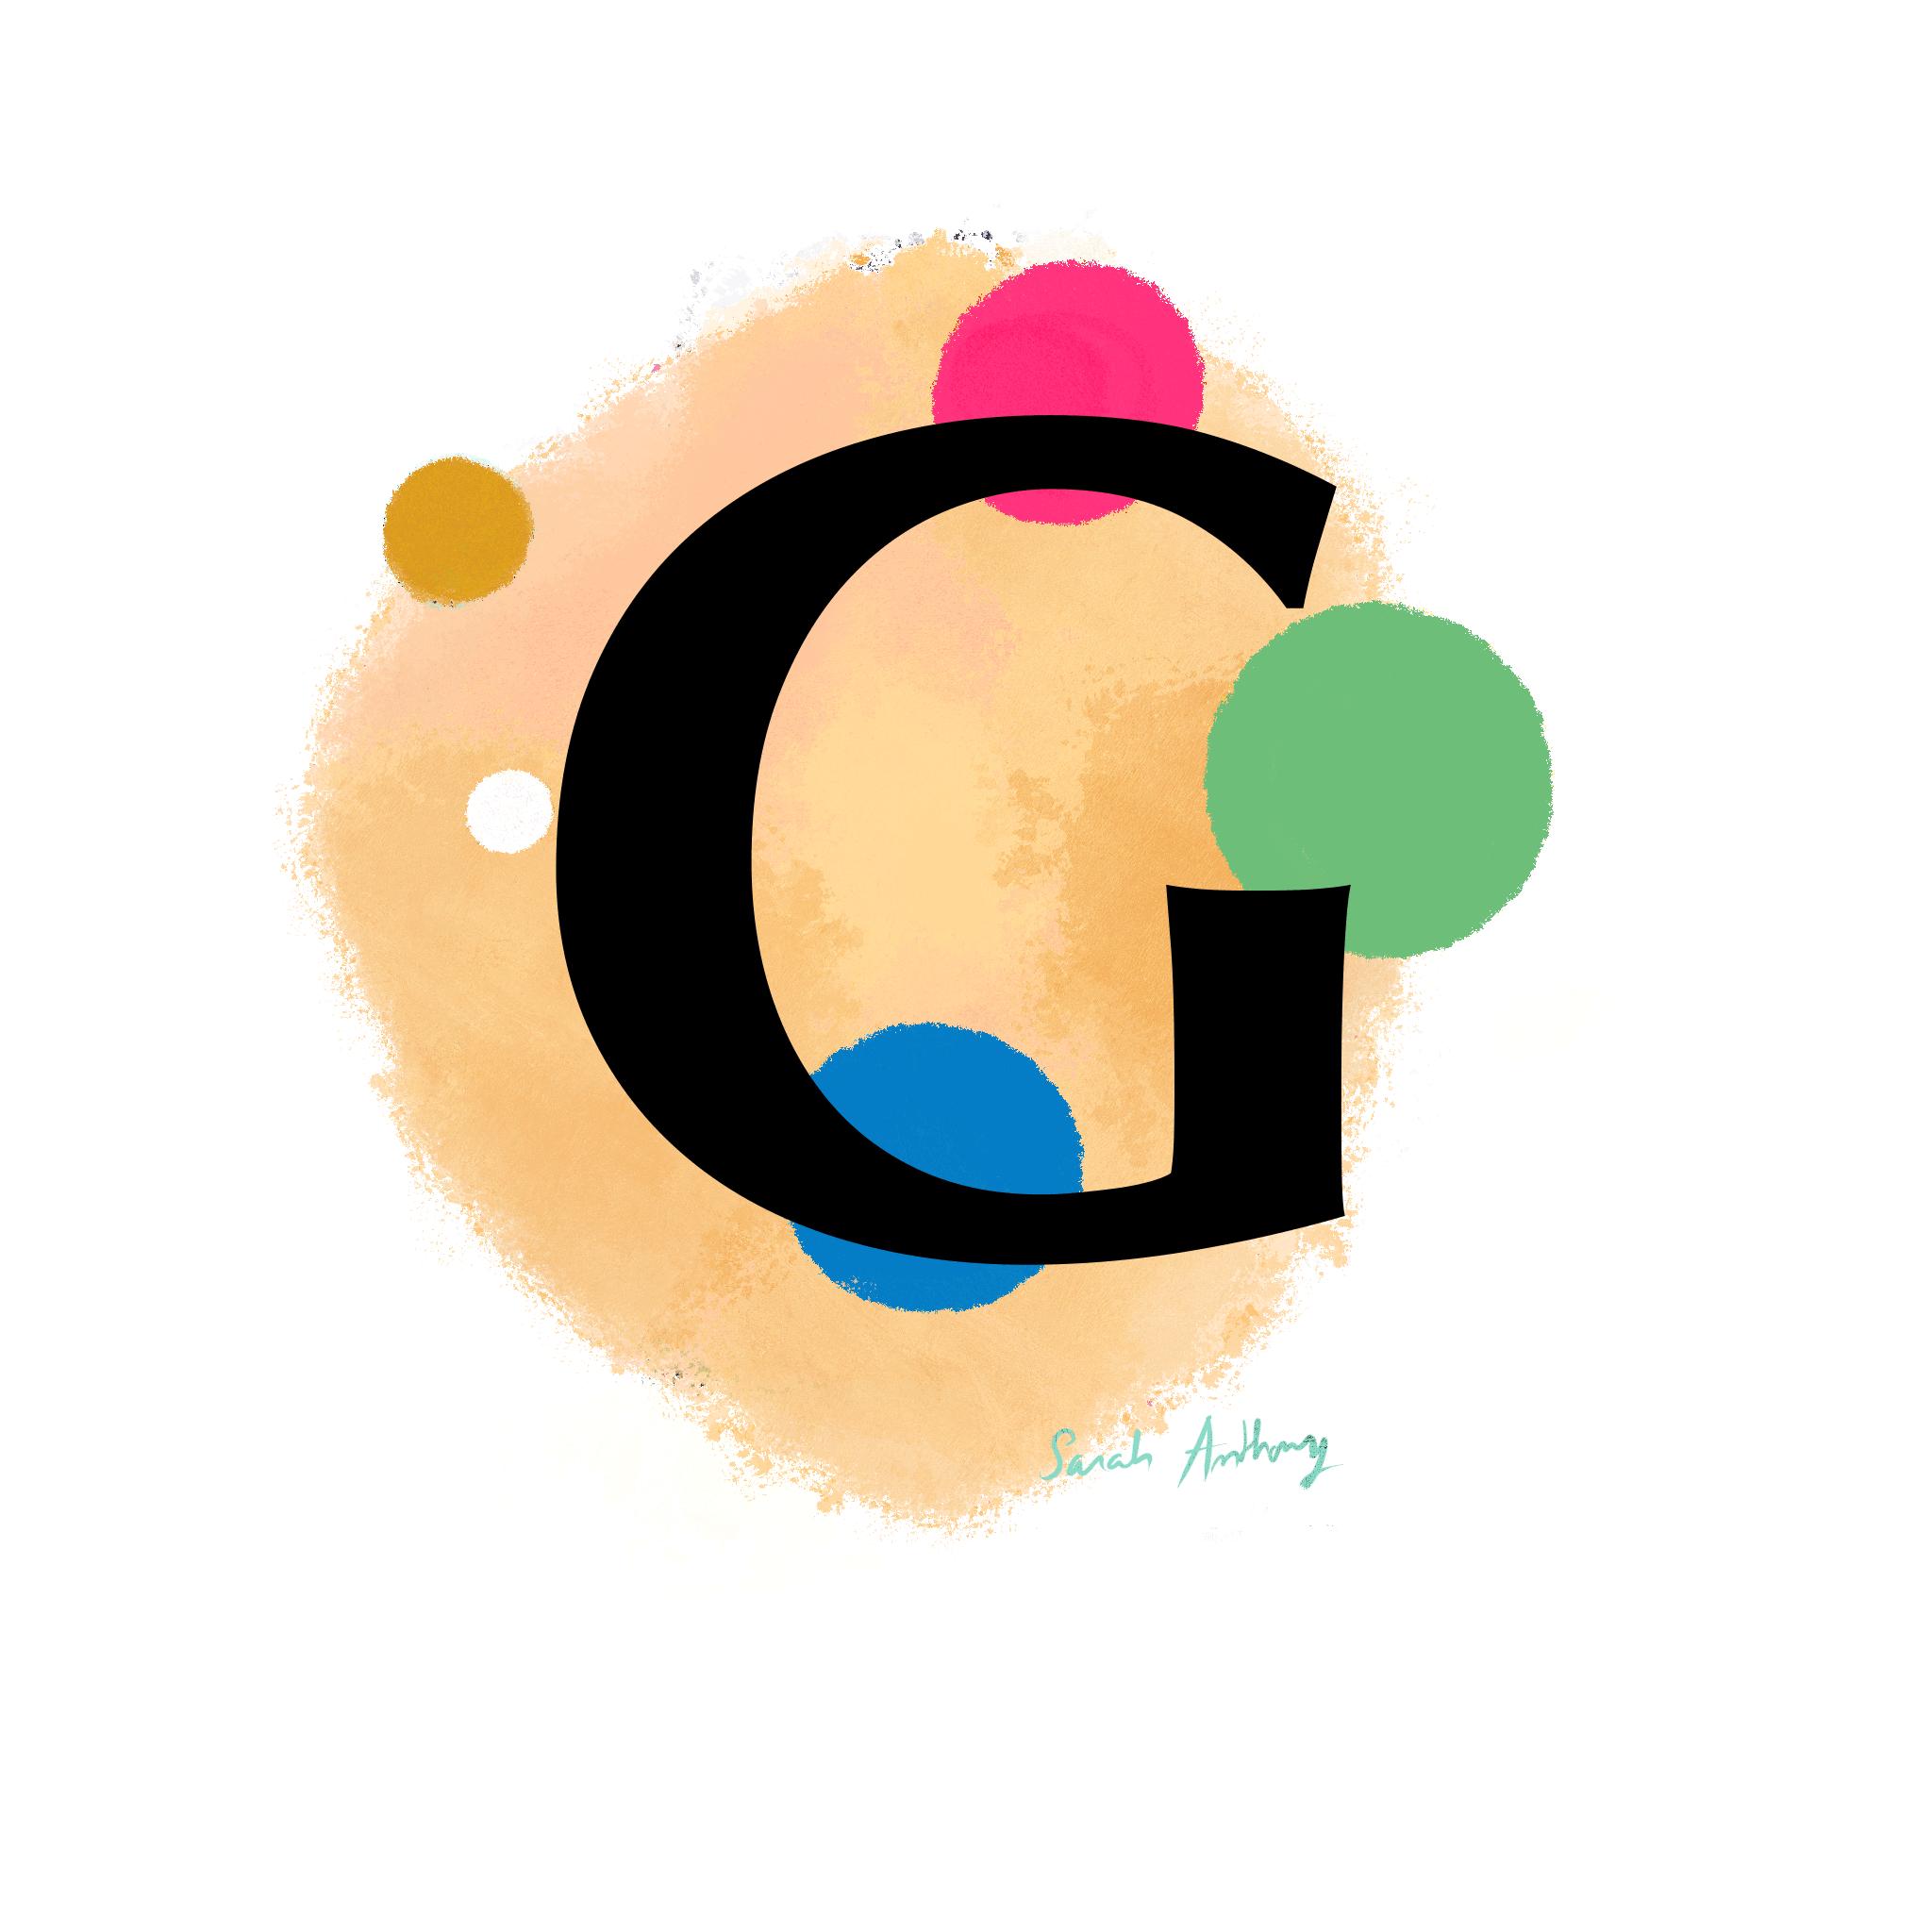 G-r-duit